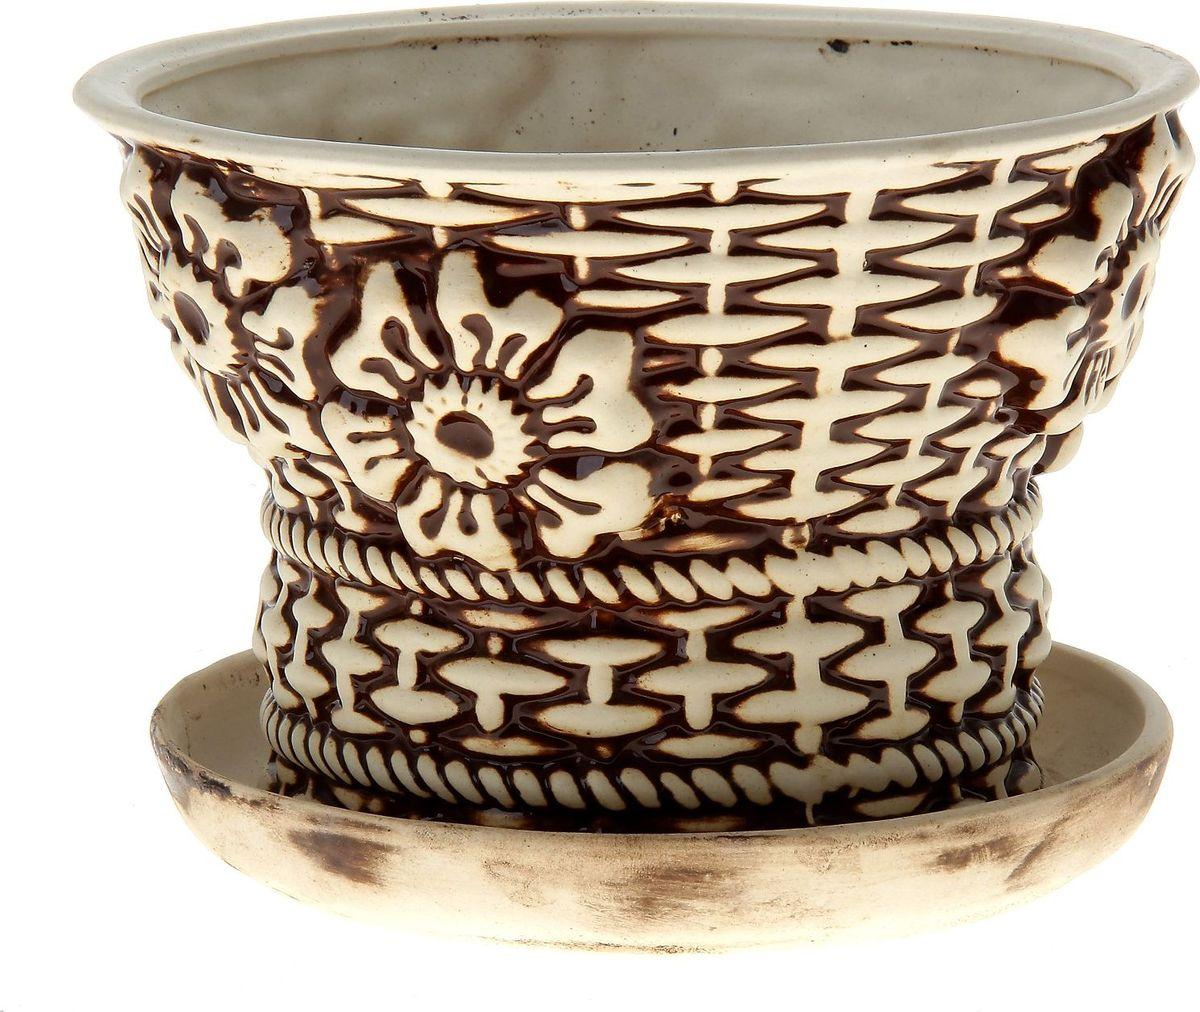 Кашпо Керамика ручной работы Корзинка, цвет: шамот, 3 л144209Декоративное кашпо, выполненное из высококачественной керамики, предназначено для посадки декоративных растений и станет прекрасным украшением для дома. Пористый материал позволяет испаряться лишней влаге, а воздух, необходимый для дыхания корней, проникает сквозь керамические стенки. Такое кашпо украсит окружающее пространство и подчеркнет его оригинальный стиль.